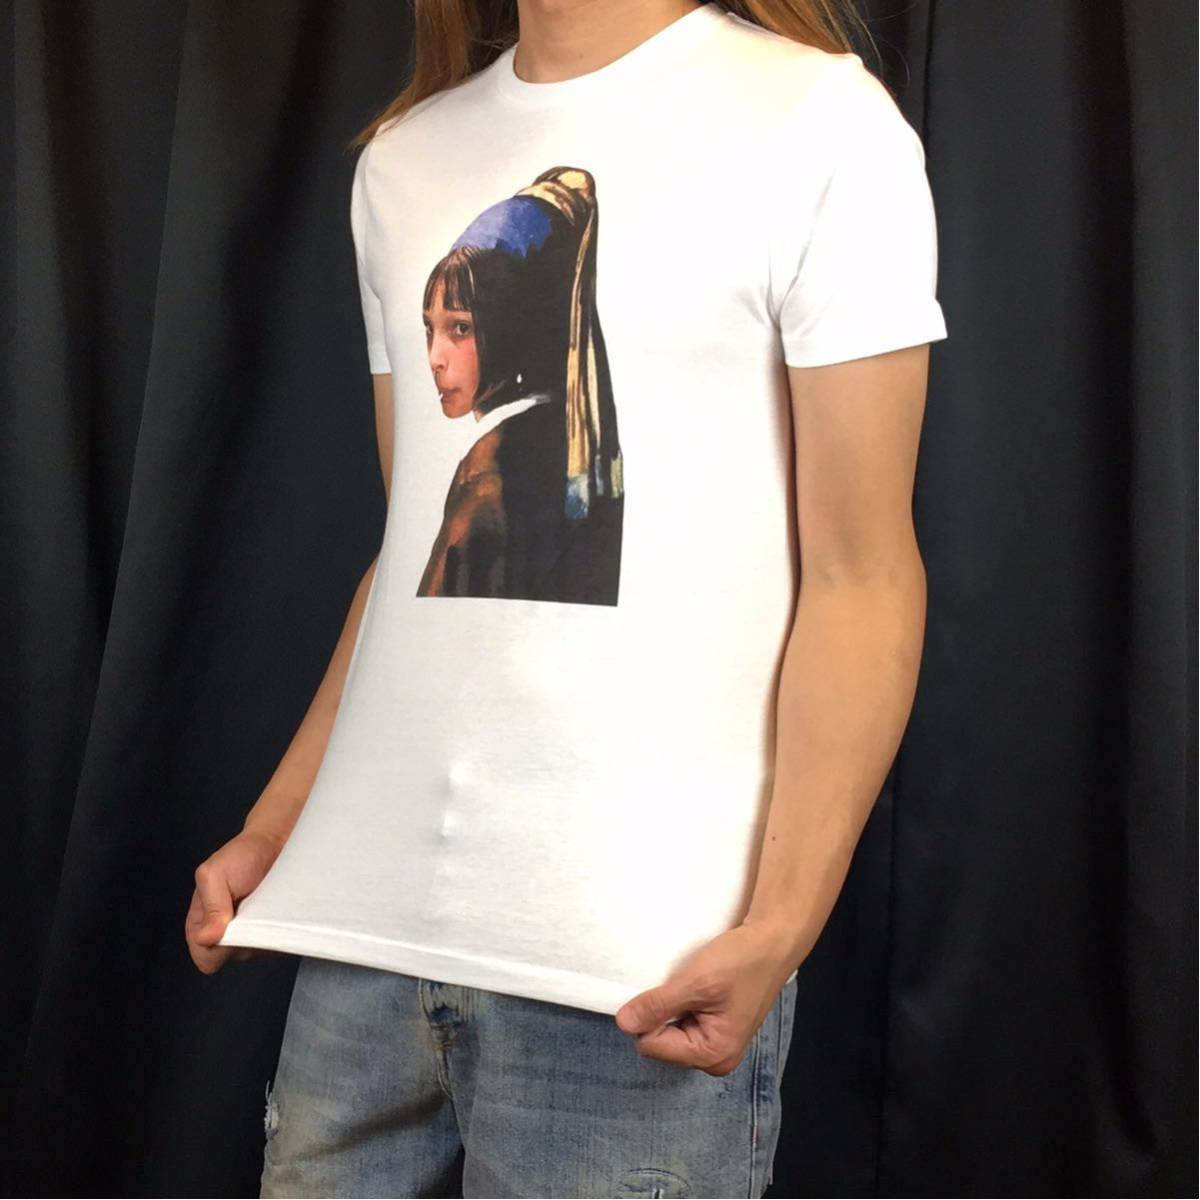 新品 映画 LEON レオン マチルダ フェルメール 真珠の耳飾りの少女 Tシャツ コラージュ デザイン S M L XL ビッグ サイズ XXL~5XL 長袖 OK_画像3